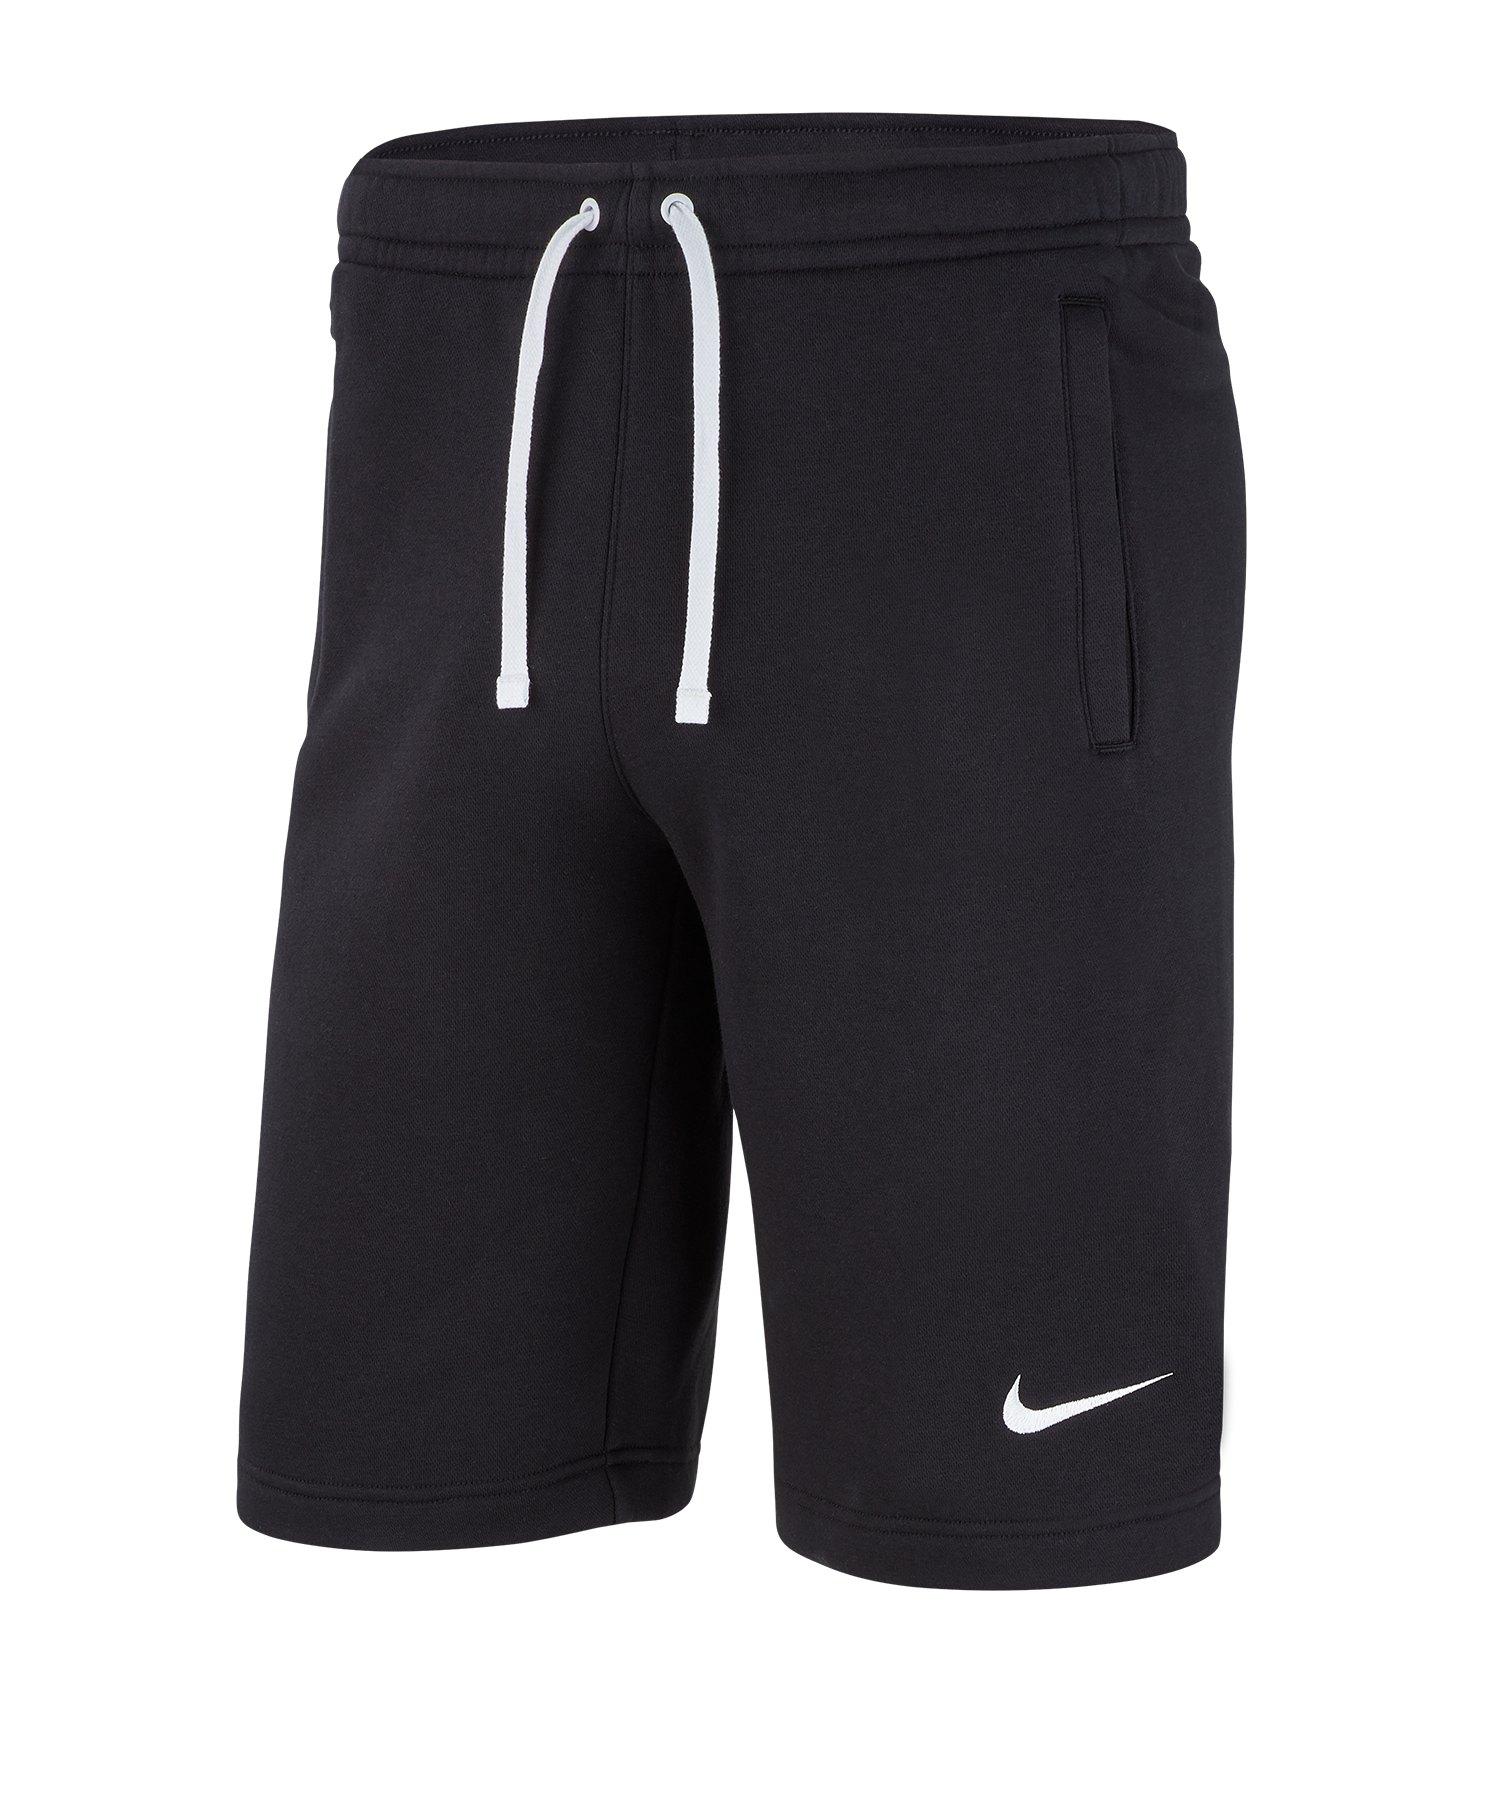 Nike Club 19 Fleece Short Kids Schwarz F010 - schwarz